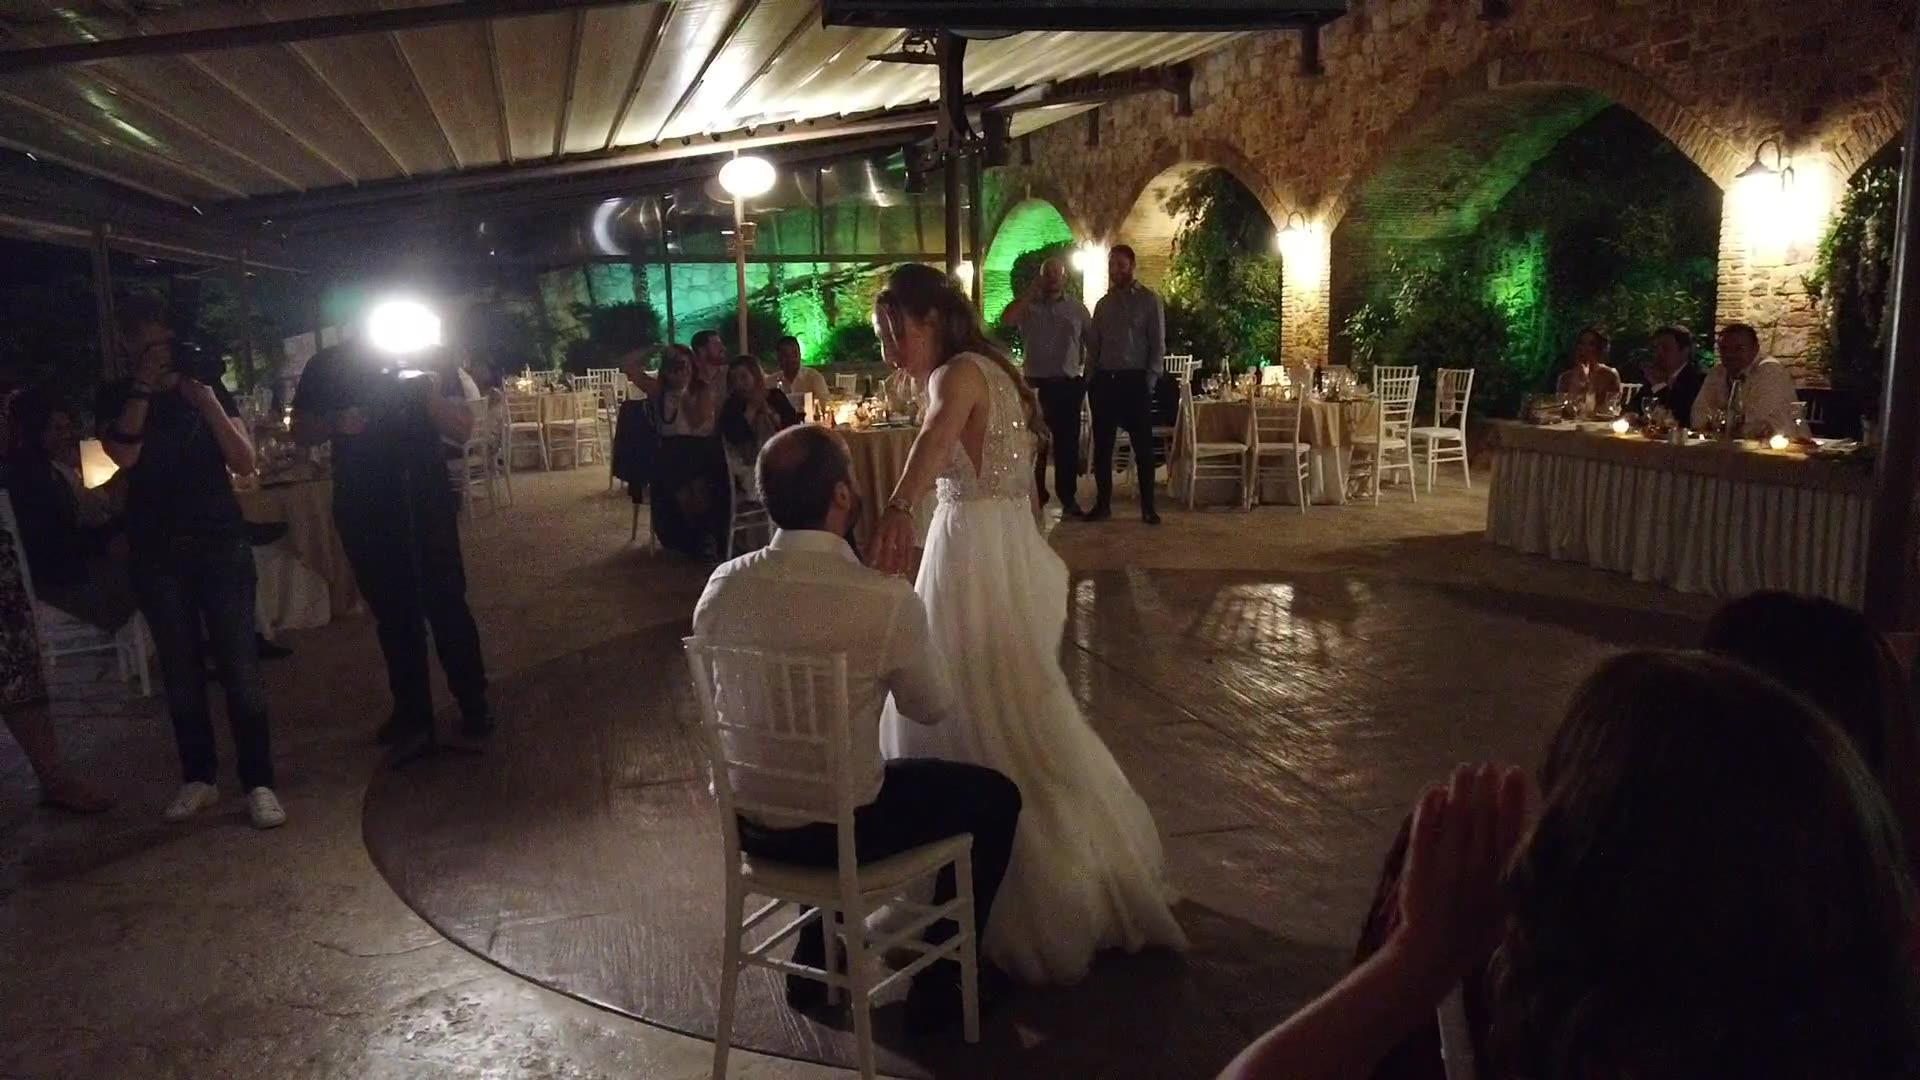 Φωτόσπαθα, star wars theme, multinational guests, χορός, κέφι και εν τέλει μια υπέροχη βραδιά με χάρισαν η Αθήνα και ο Κωνσταντίνος!!! Να ζήσετε και σας ευχαριστήσουμε!